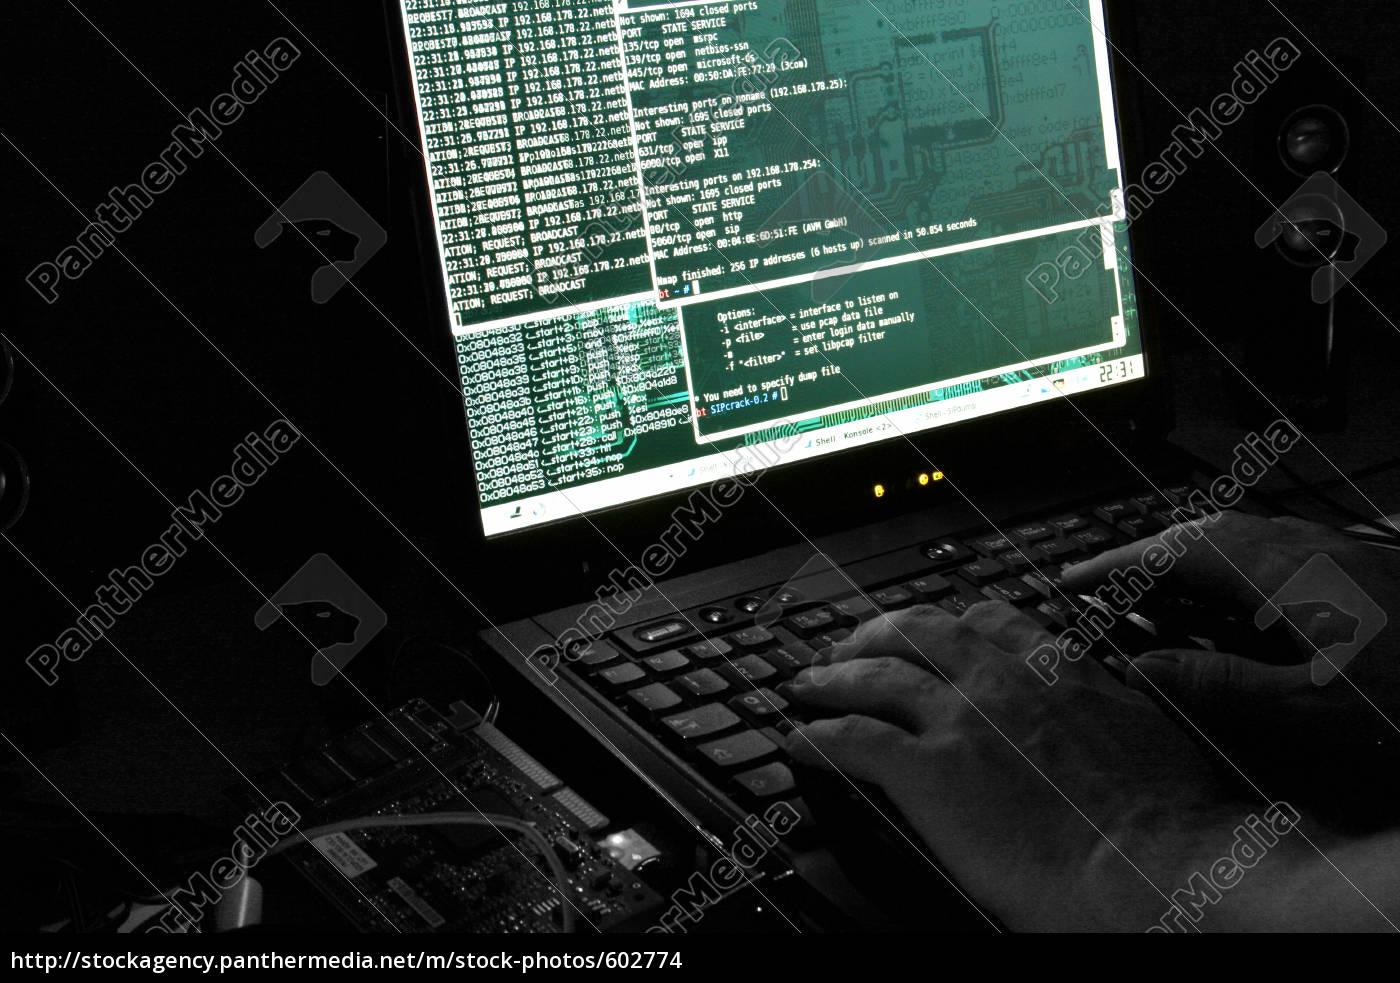 hacking2 - 602774